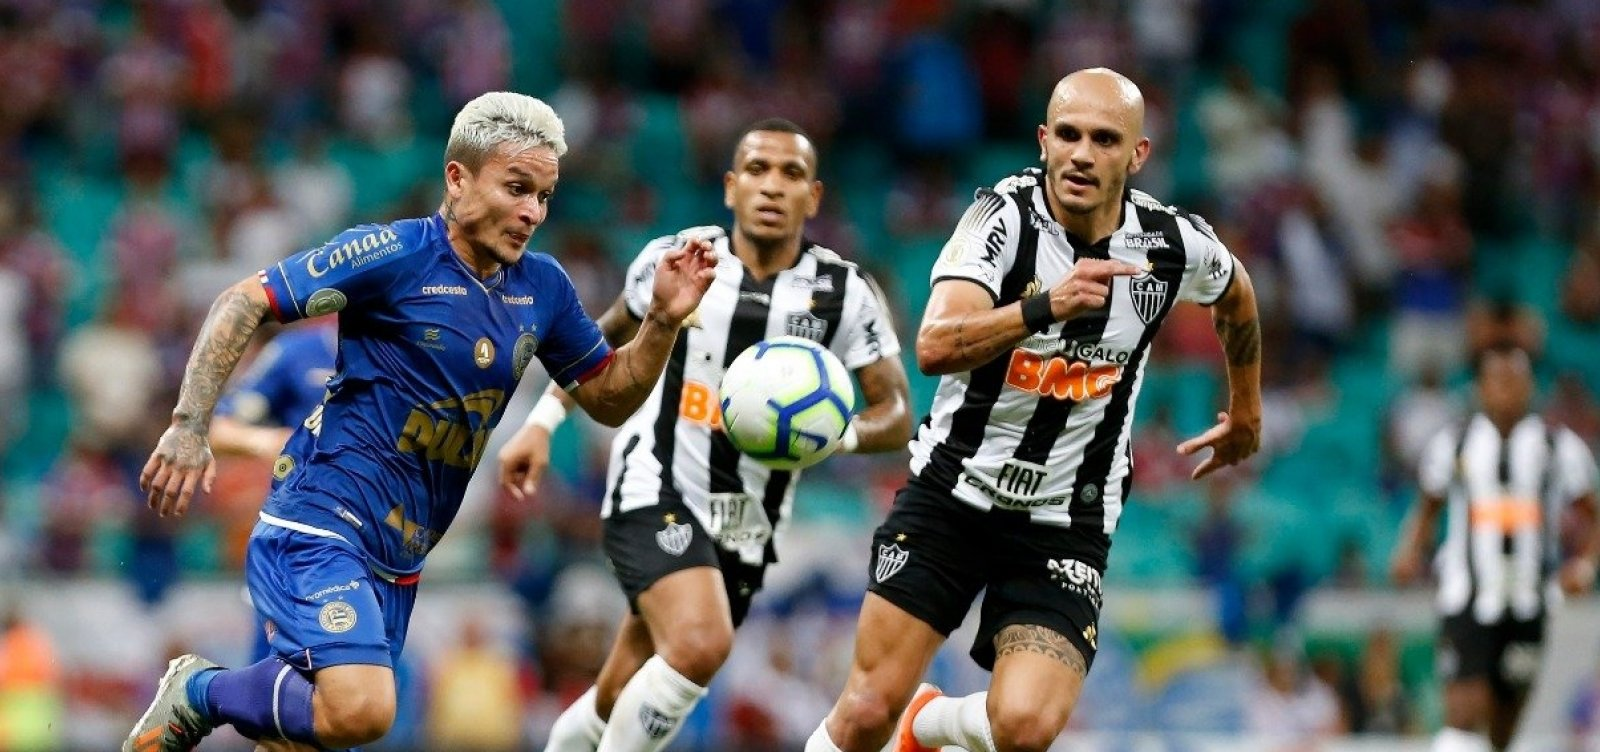 [Bahia empata em 1 a 1 com o Atlético-MG e chega a nove jogos sem vencer]